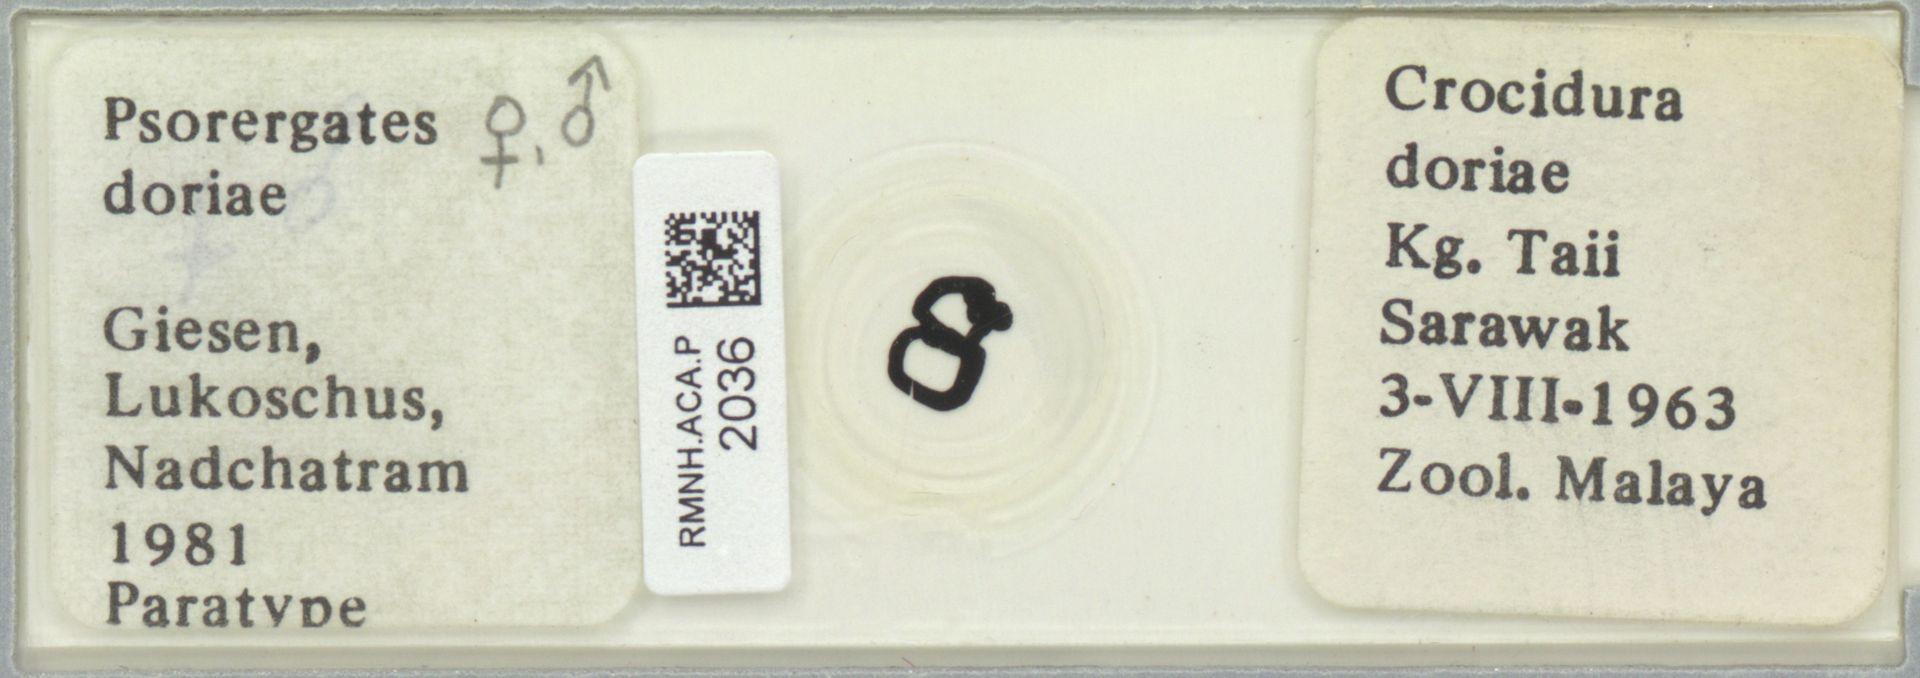 RMNH.ACA.P.2036 | Psorergates doriae Giesen, Lukoschus & Nadchatram, 1981